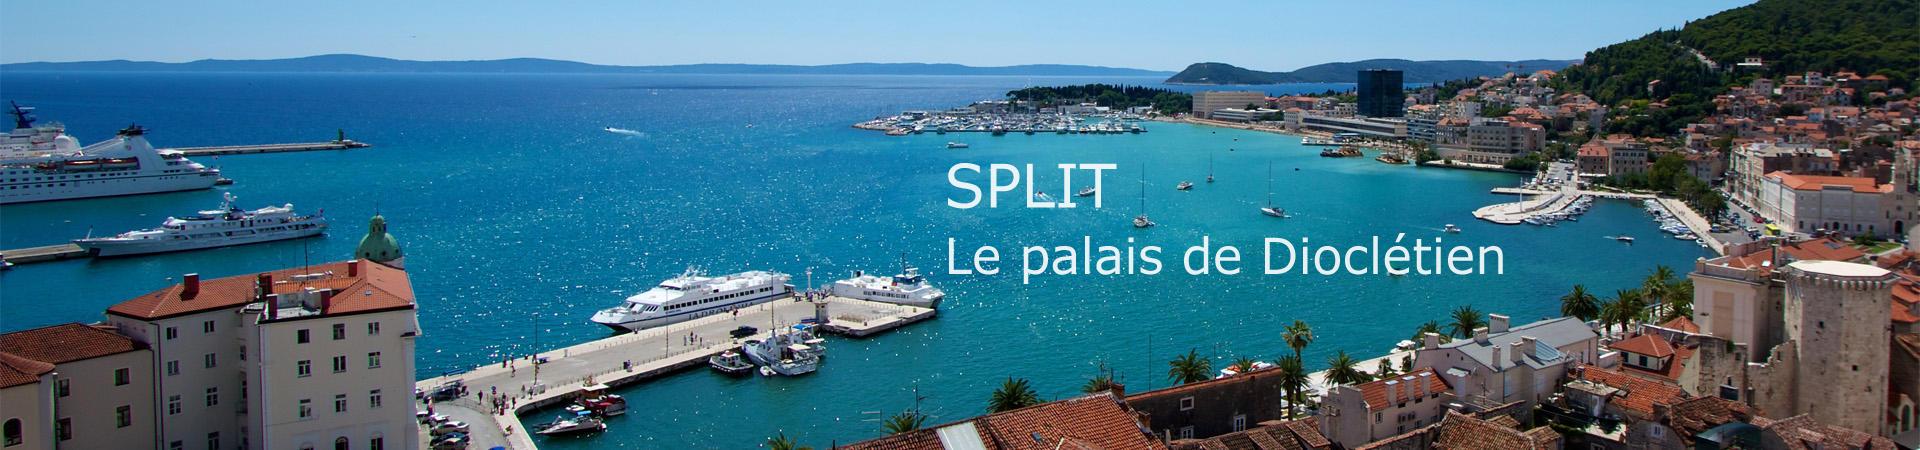 slider-split